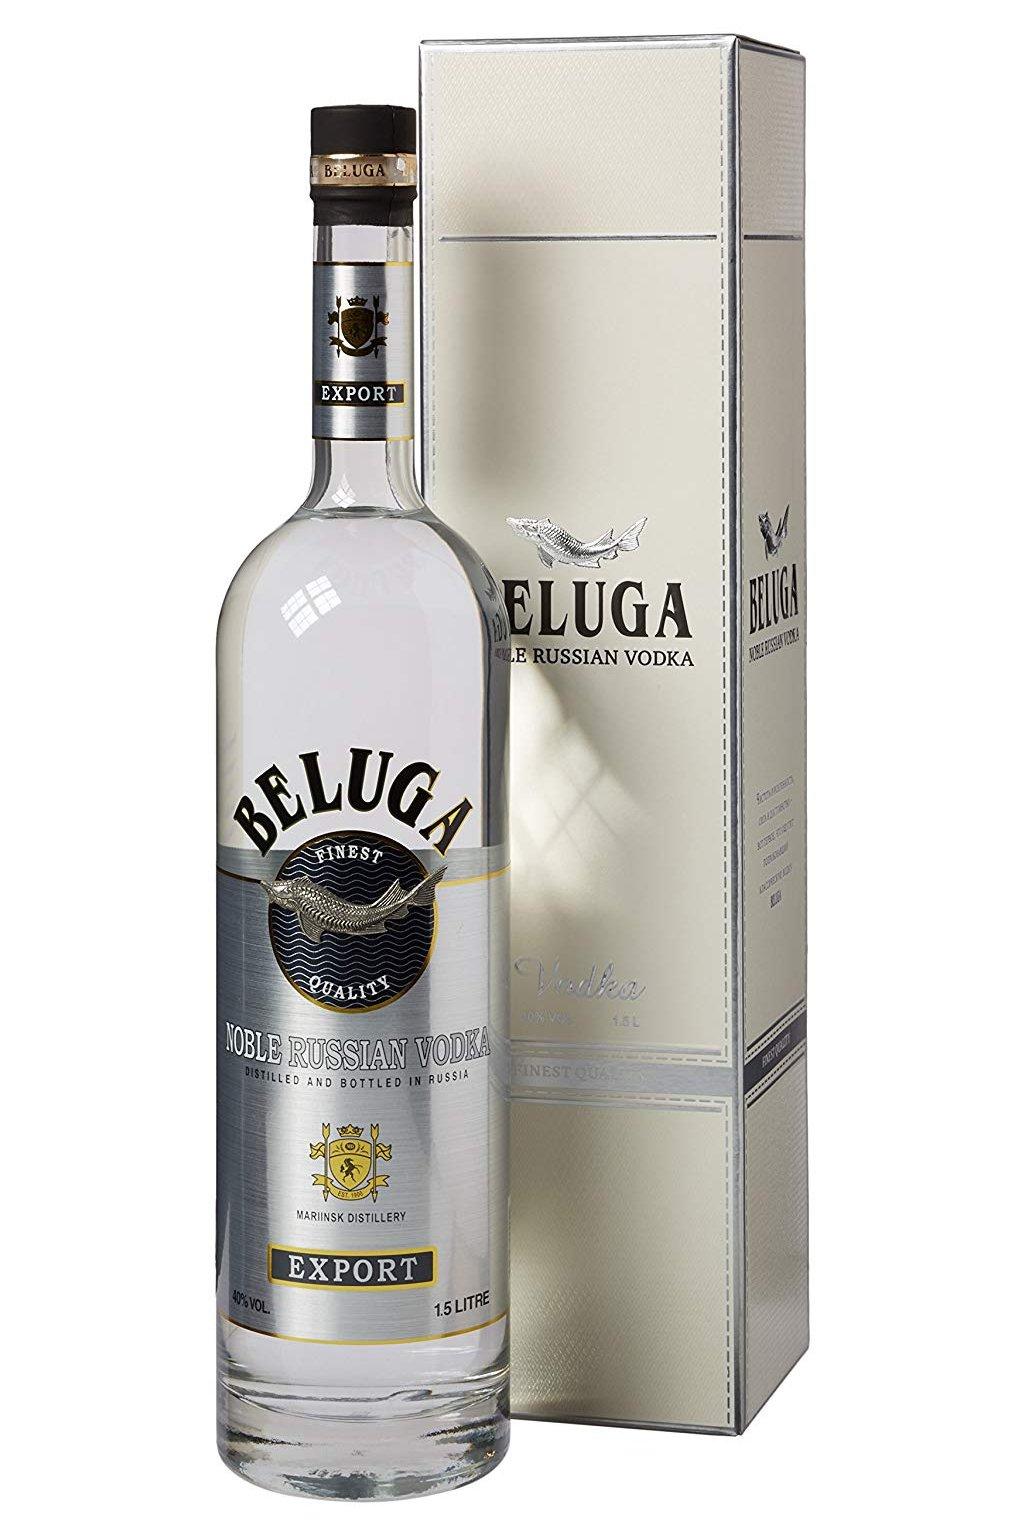 Beluga GB